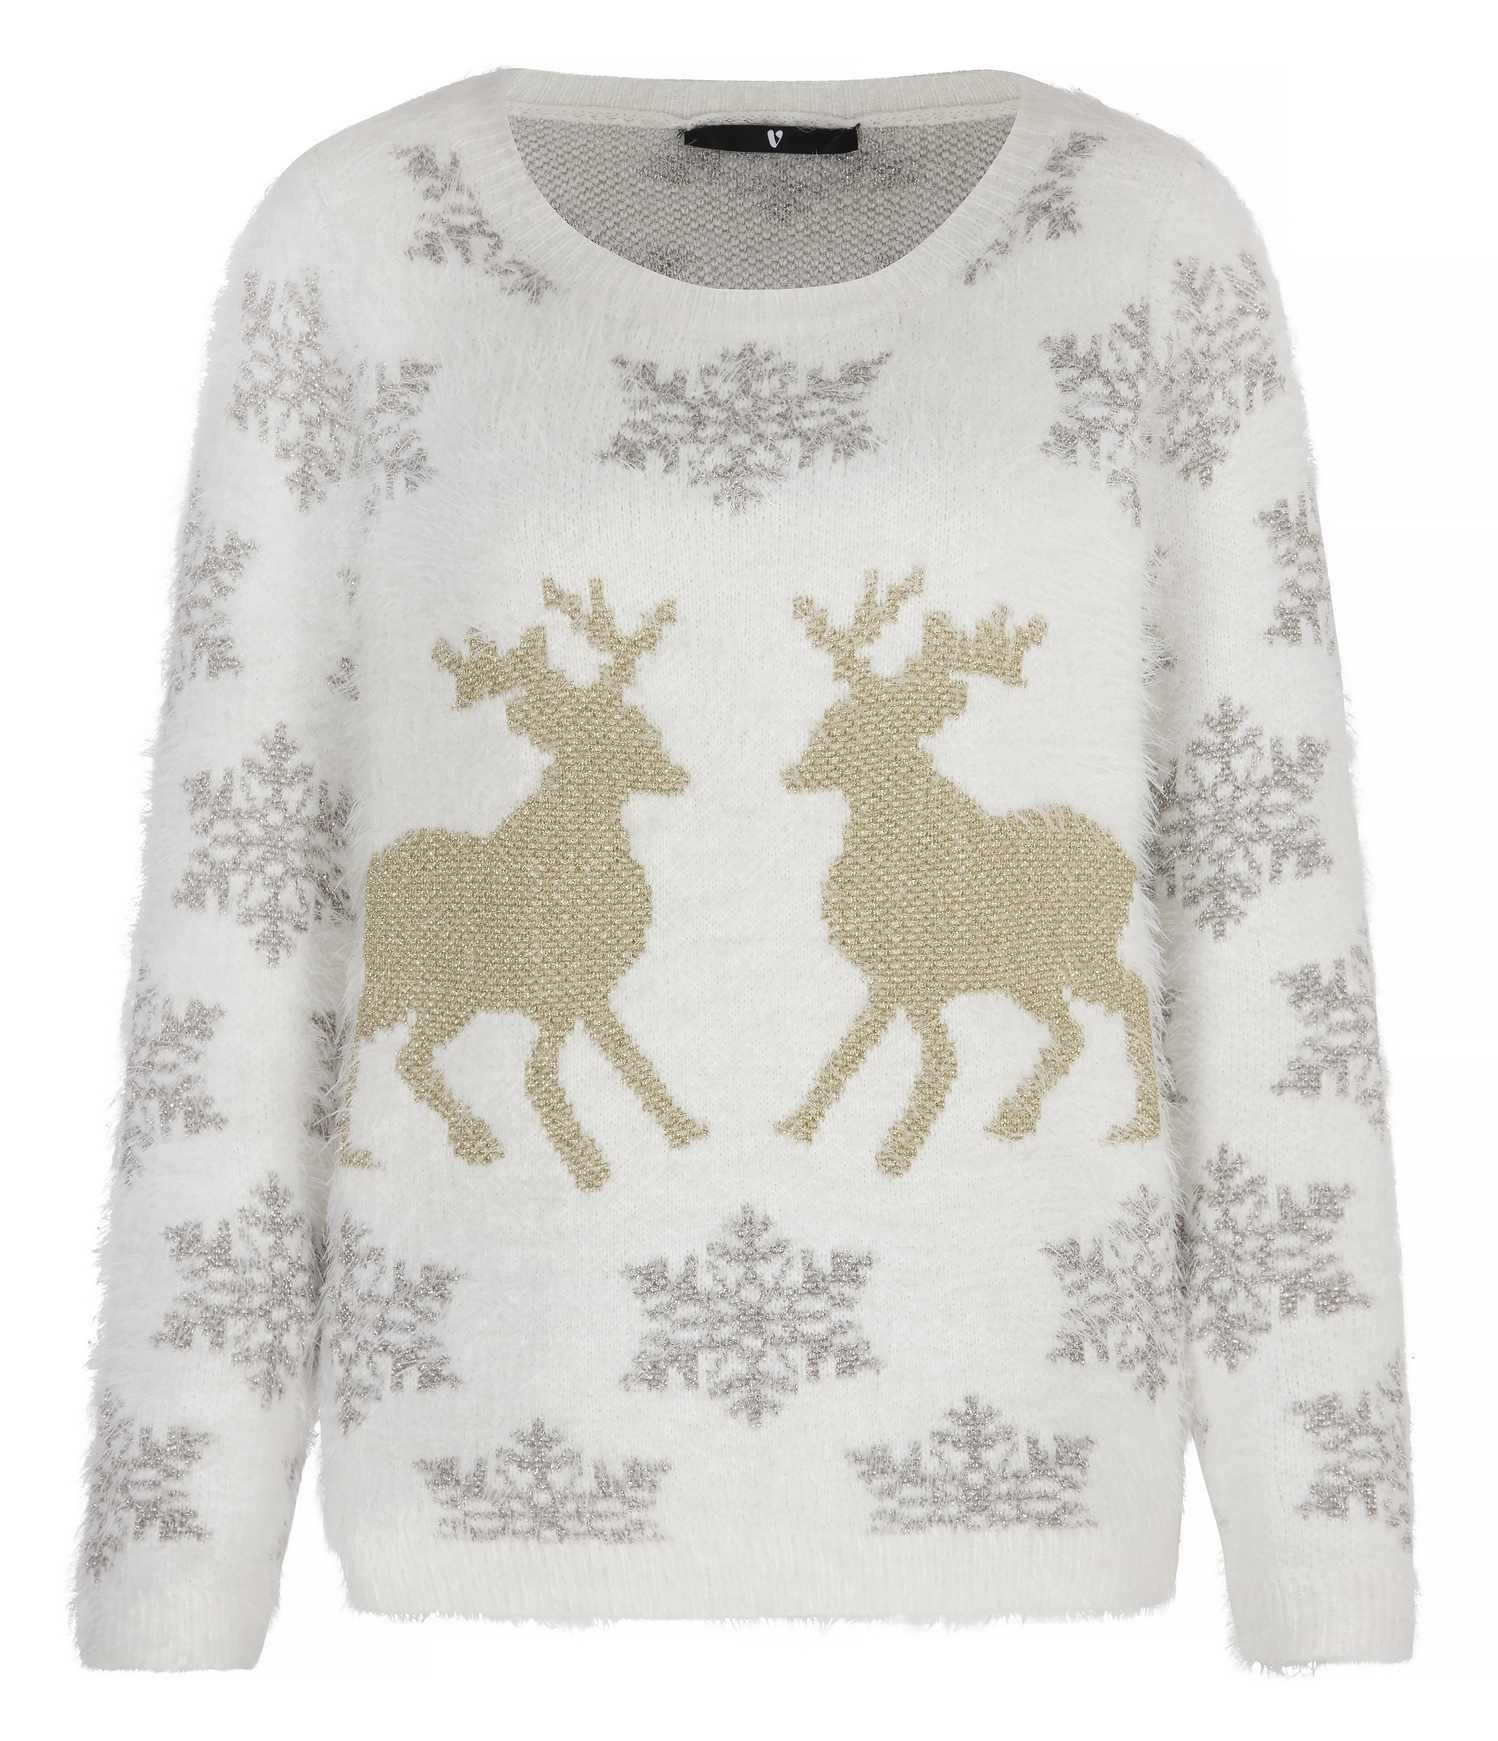 V by Very Sparkling Reindeer Fluffy Jumper